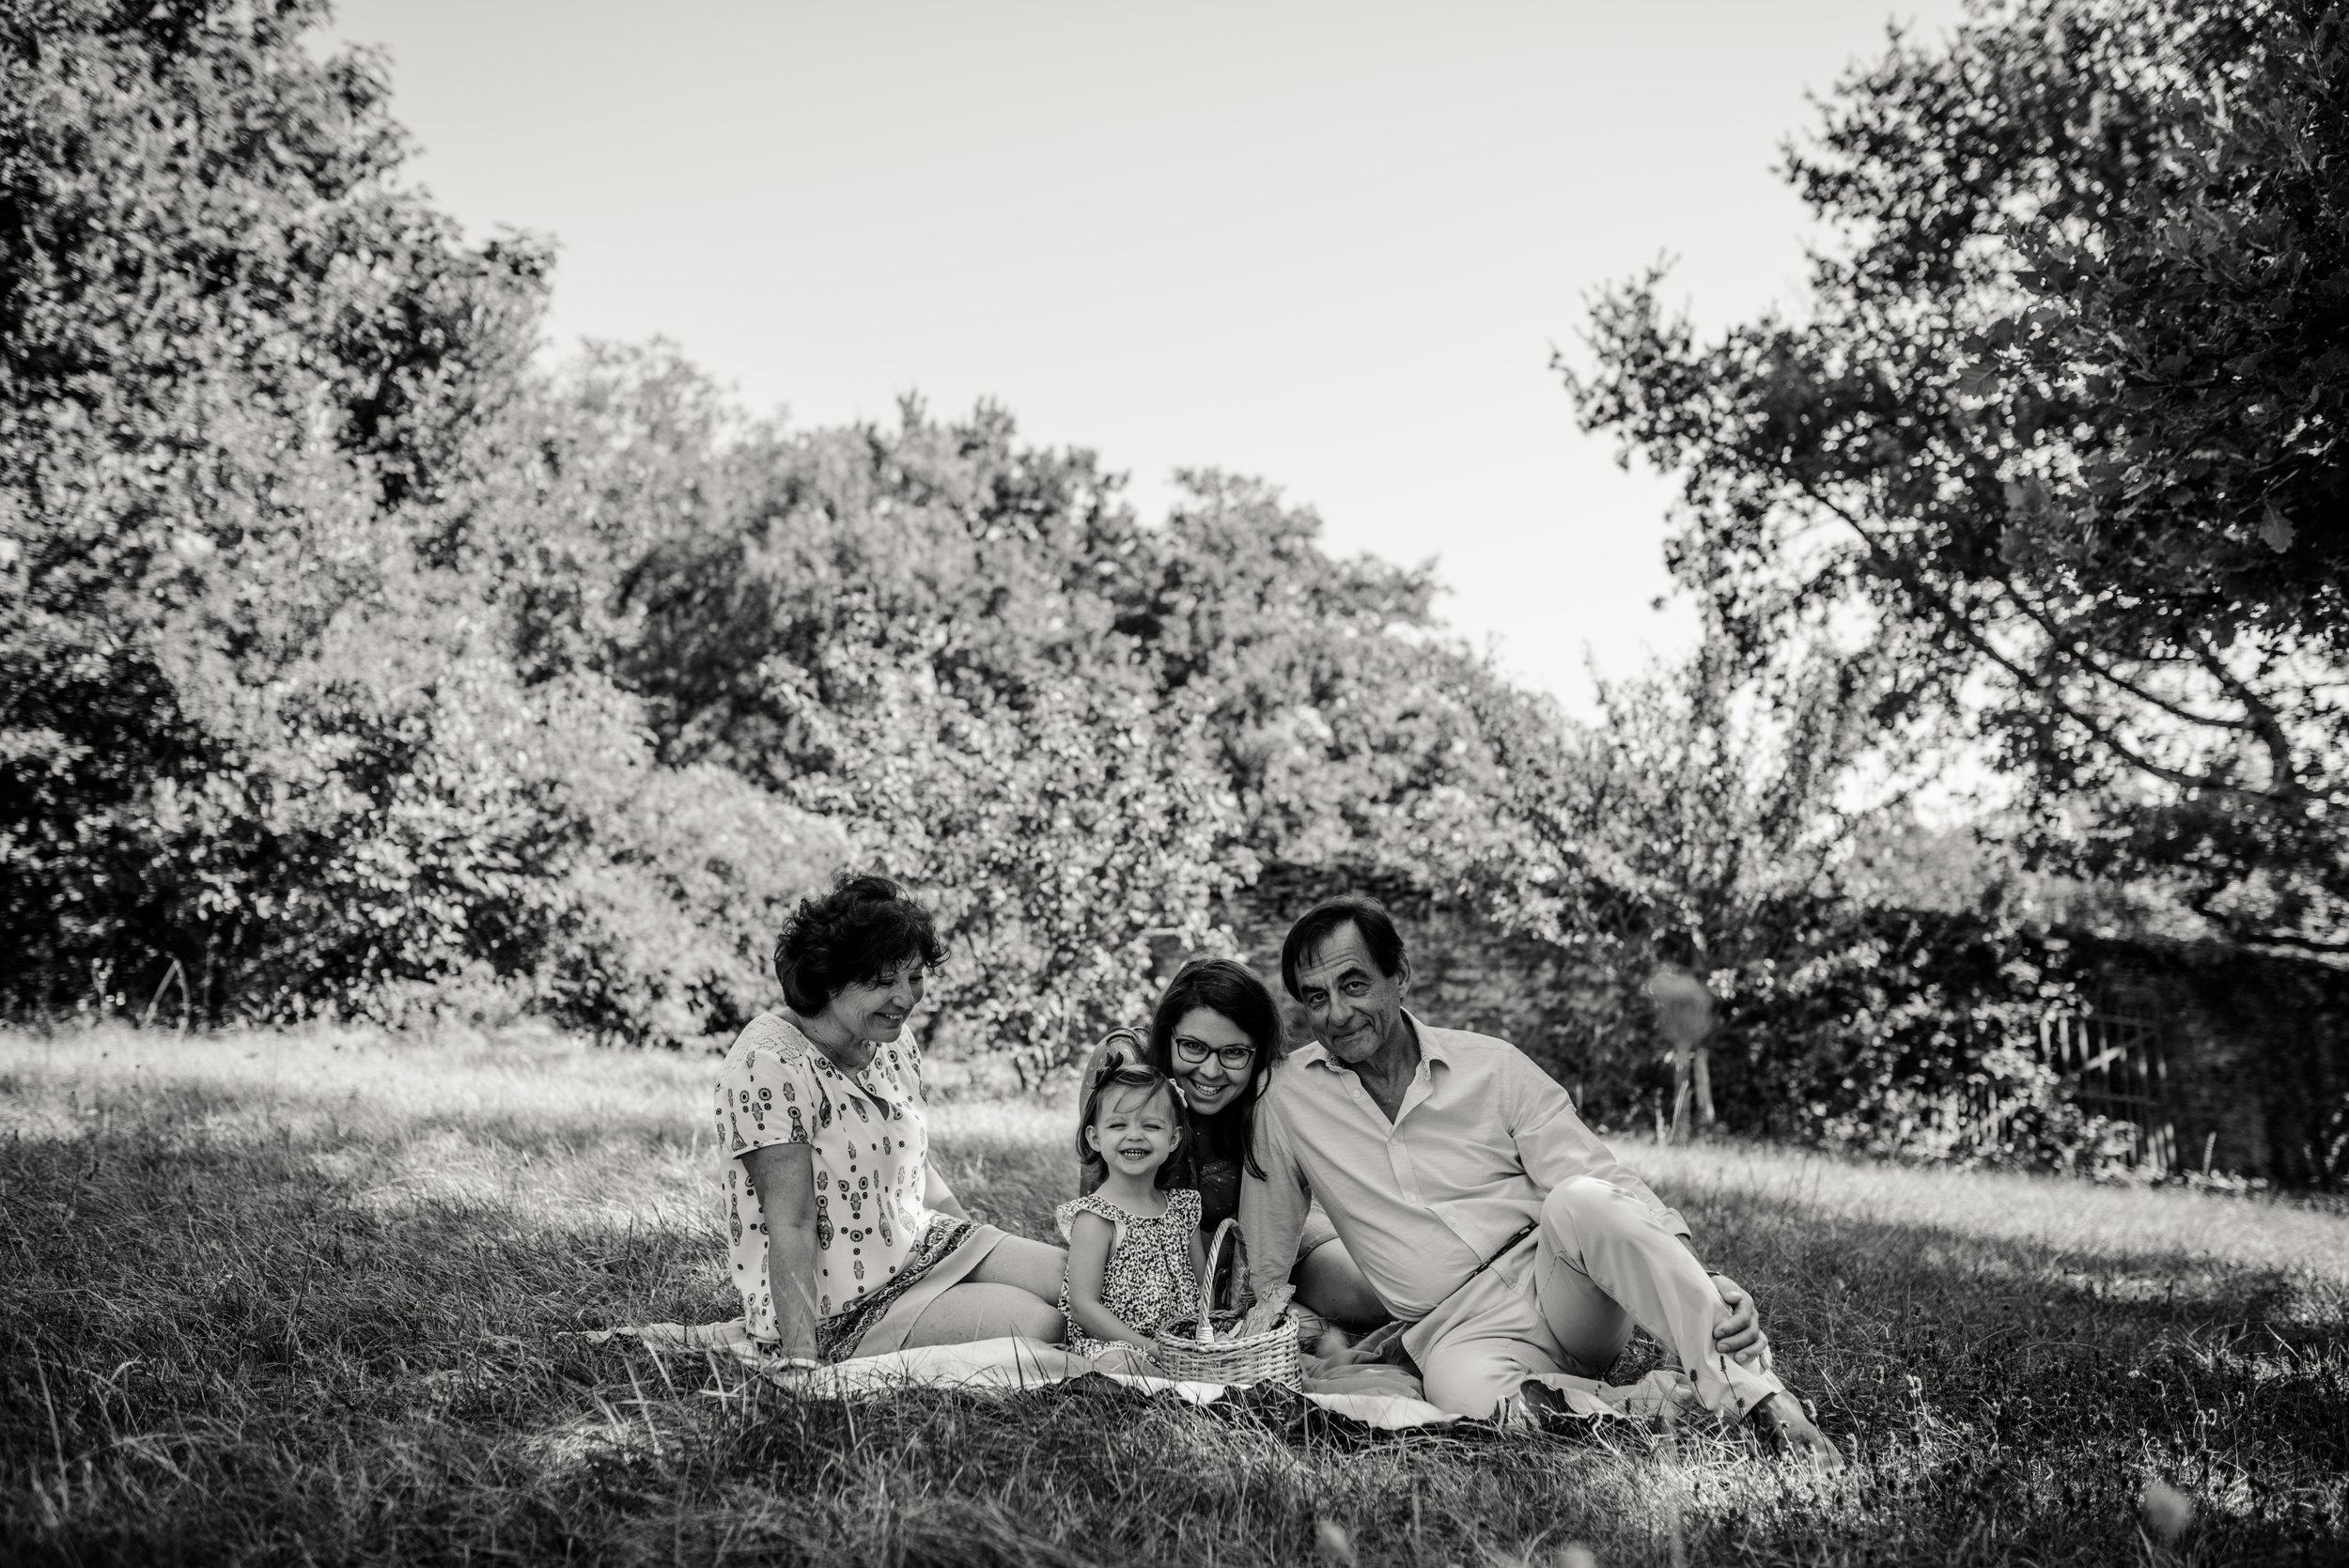 Léa-Fery-photographe-professionnel-lyon-rhone-alpes-portrait-creation-mariage-evenement-evenementiel-famille-4674.jpg